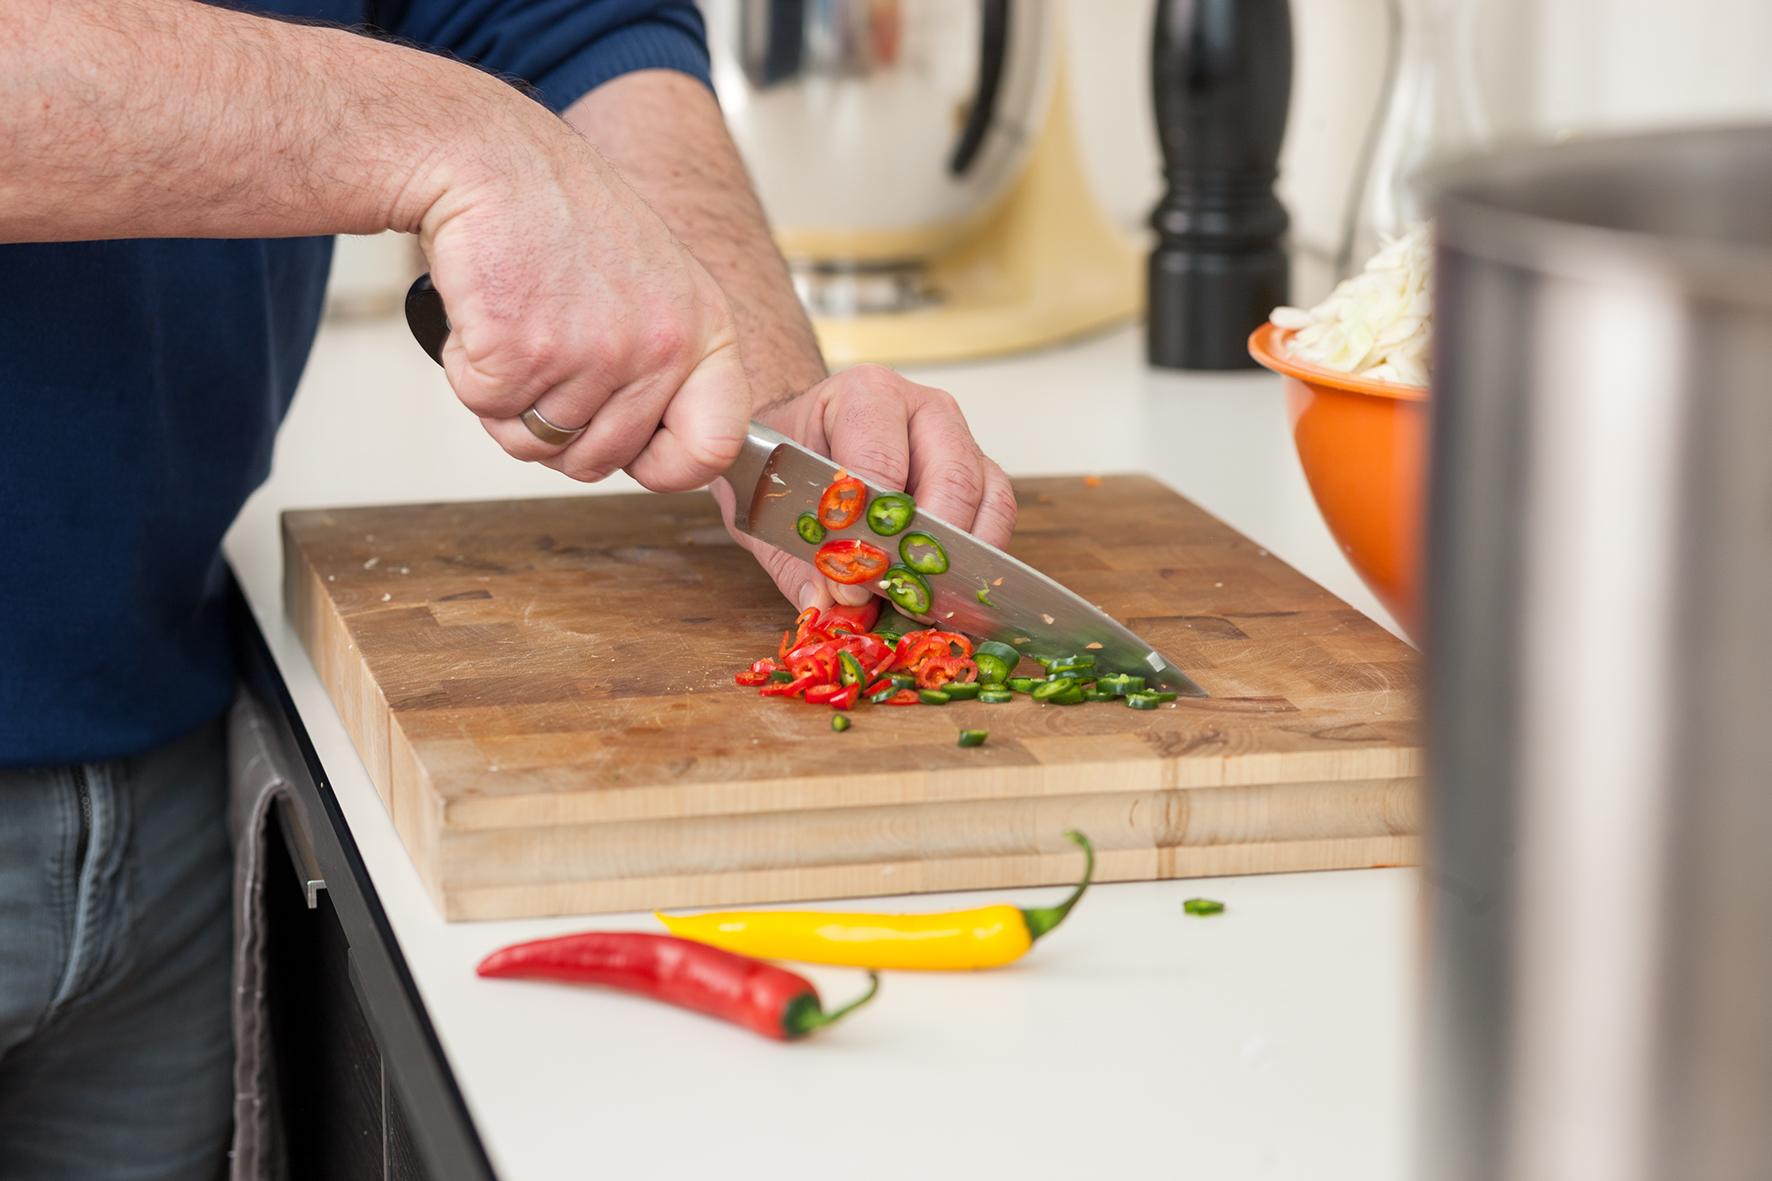 Brennen für neue Kochideen